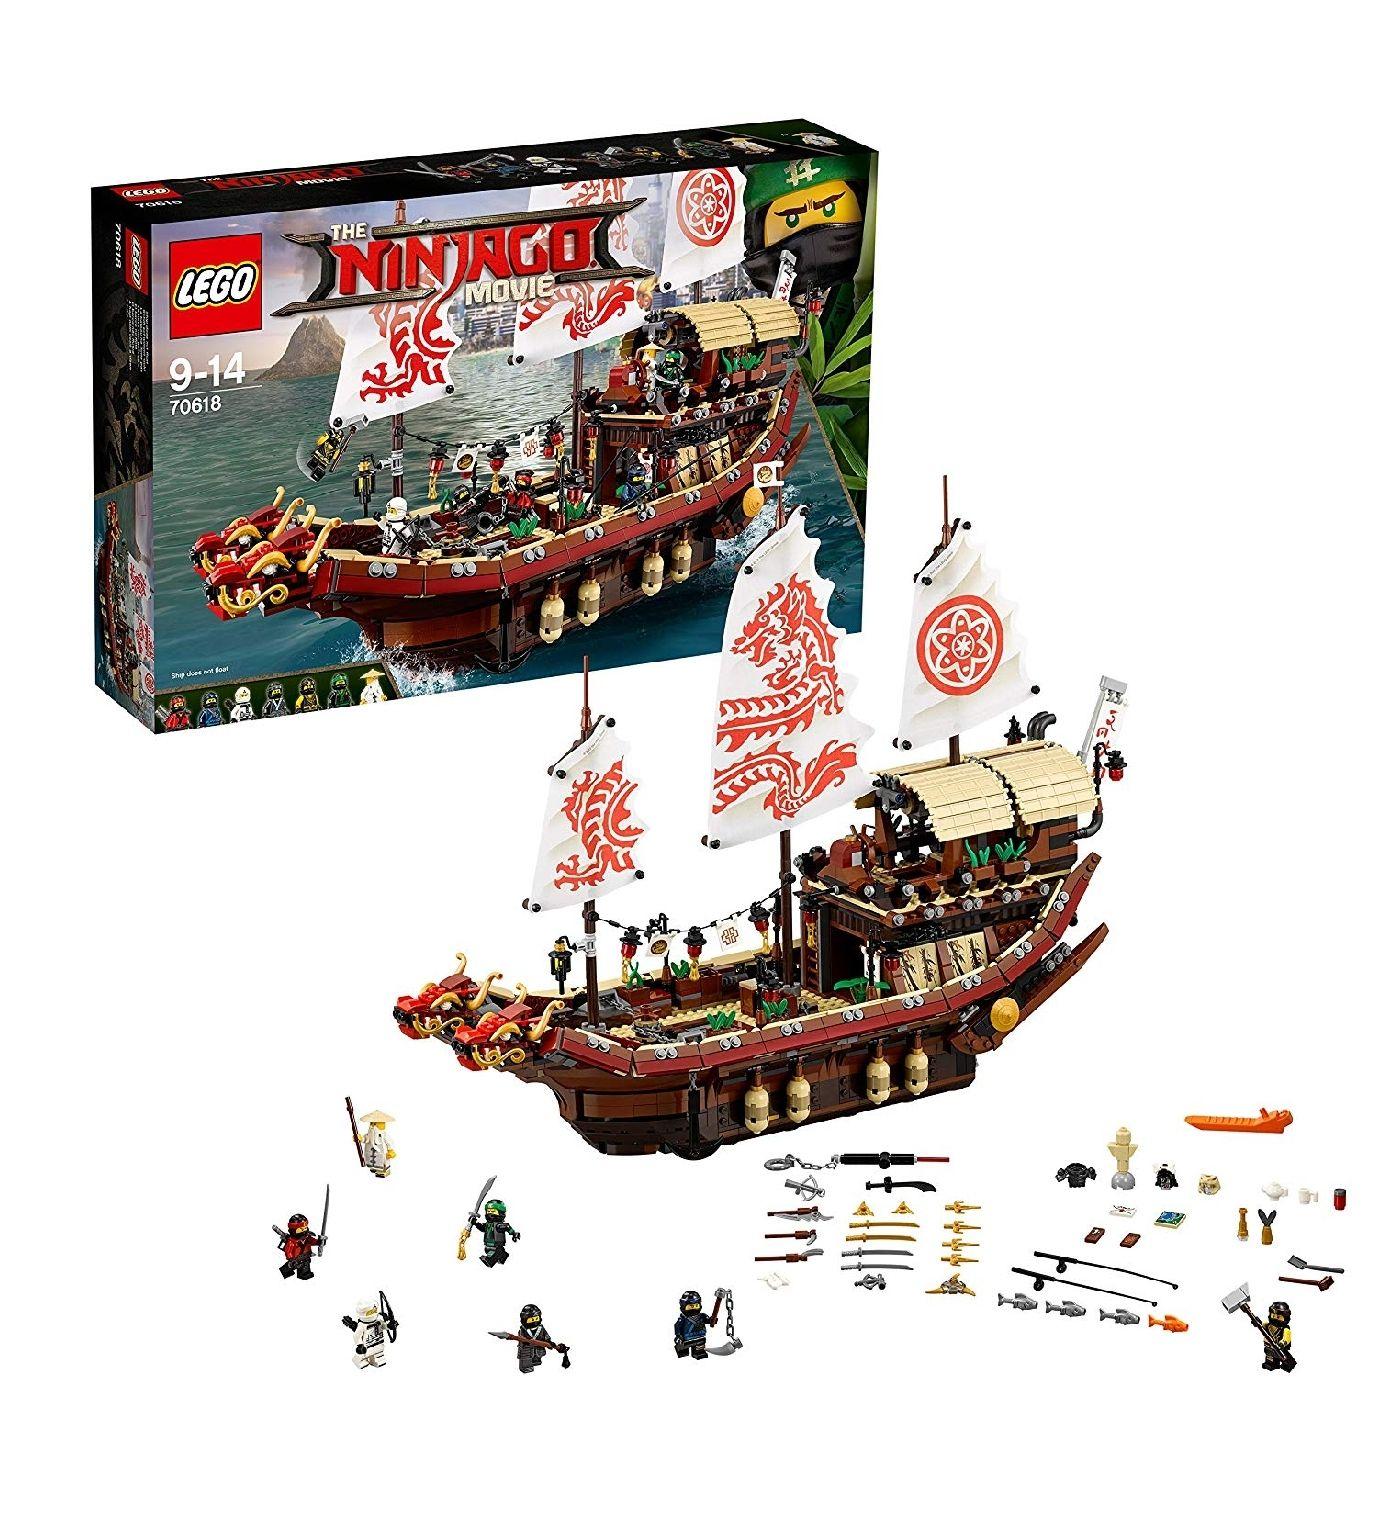 LEGO Ninjago 70618 Destiny's Bounty £71.49 @ amazon